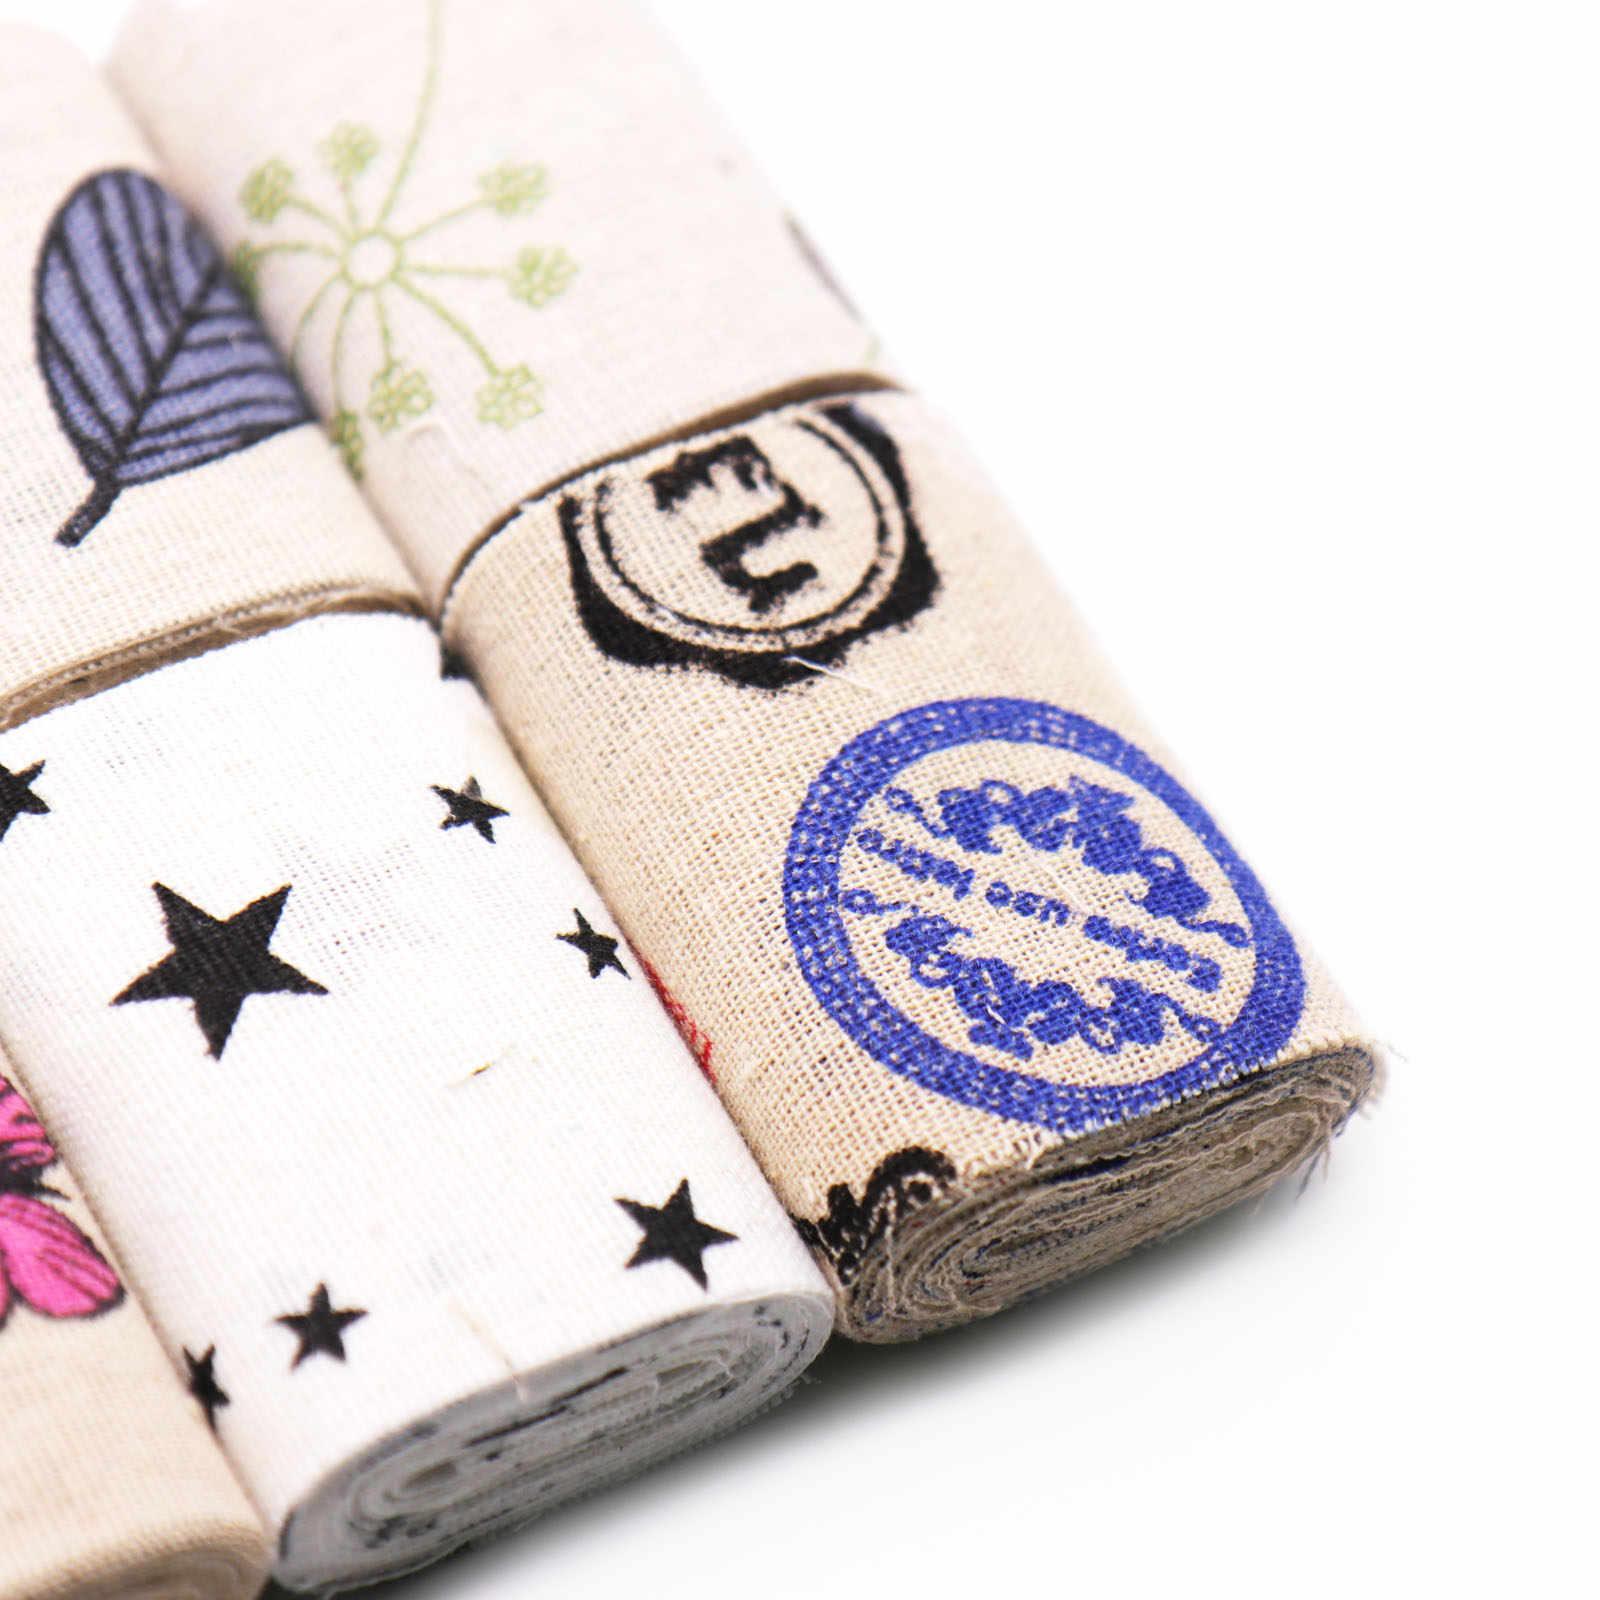 1 rolo 2m padrões engraçados algodão linho tecido estofando retalhos para costura bonecas travesseiro caso artesanato acessório serapilheira artesanato